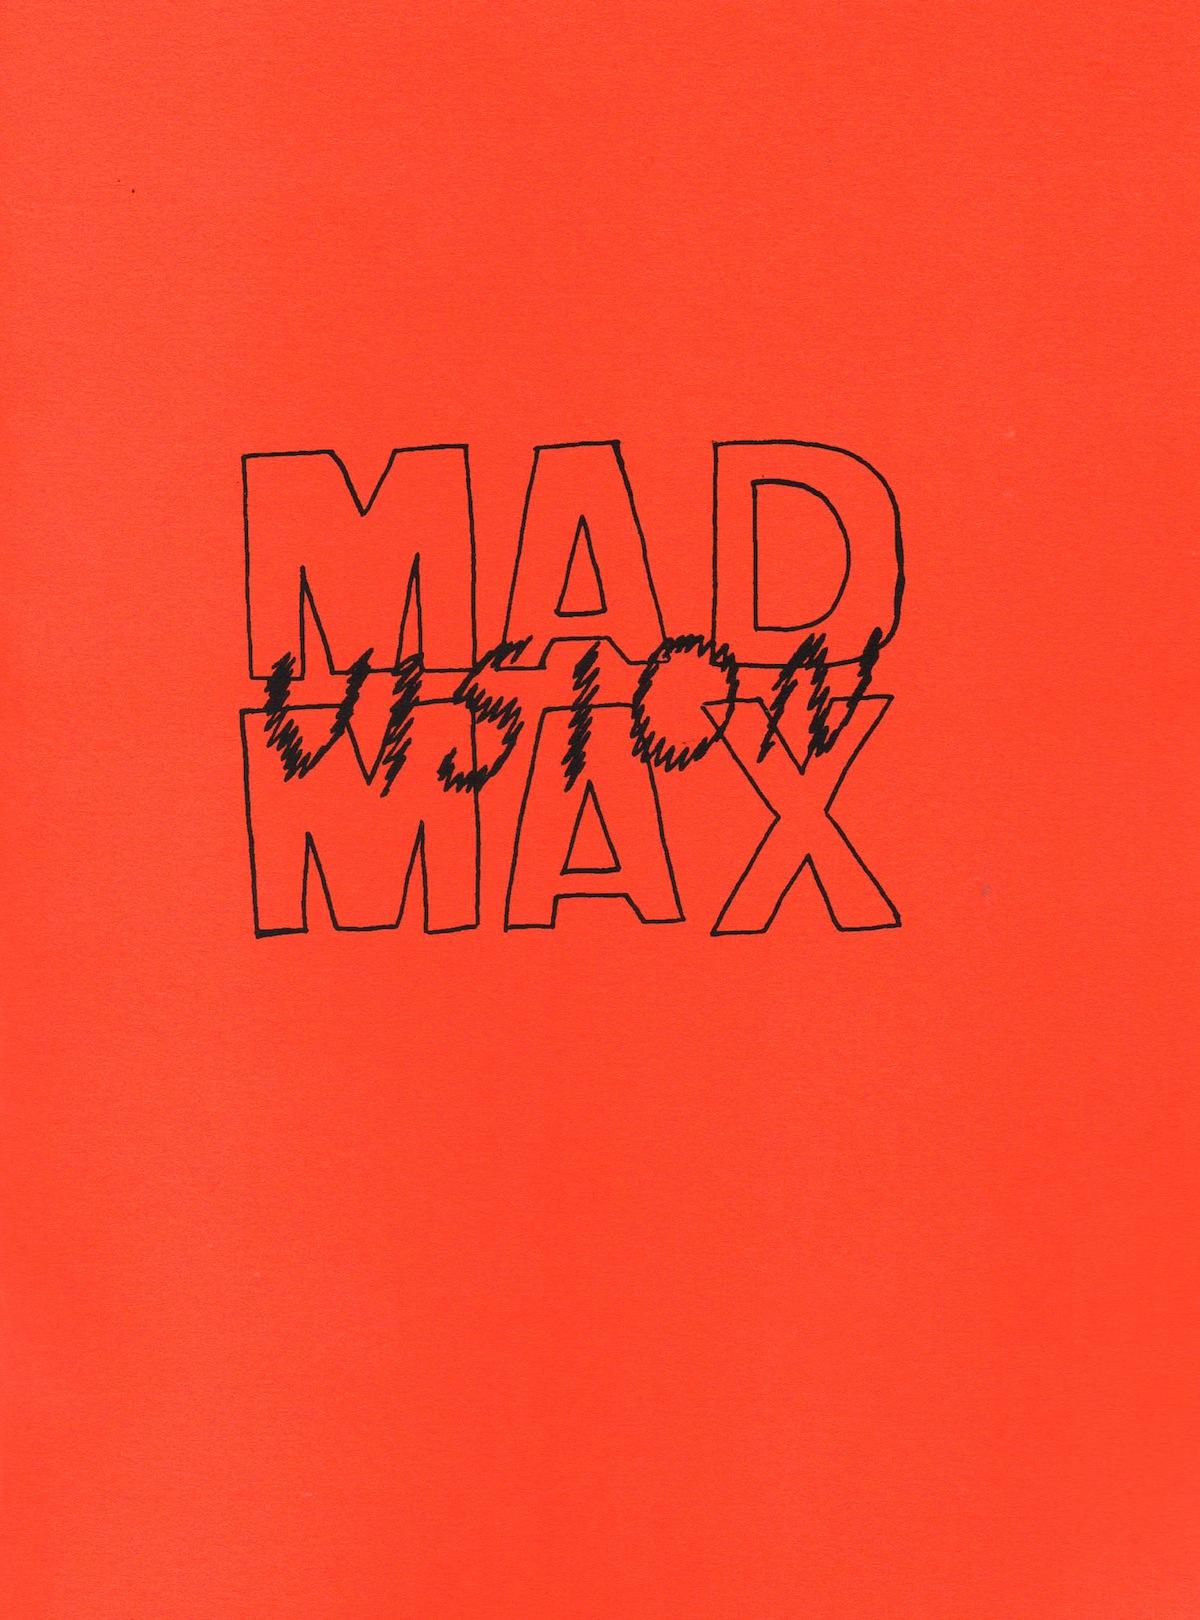 MAD MAX VISION